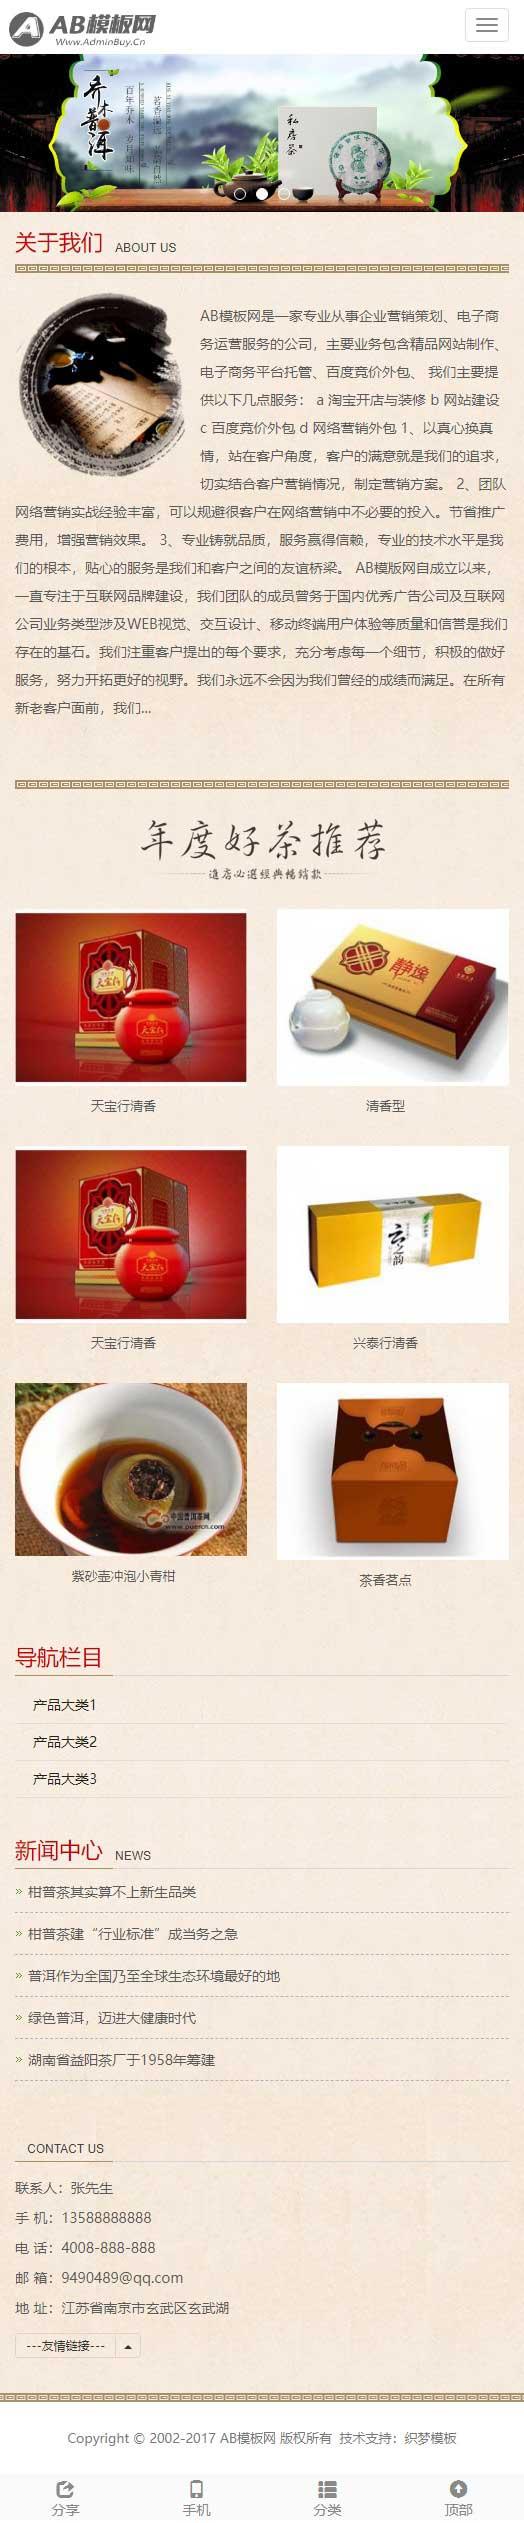 茶叶基地茶叶生产销售企业网站织梦dede模板源码[自适应手机版]插图1